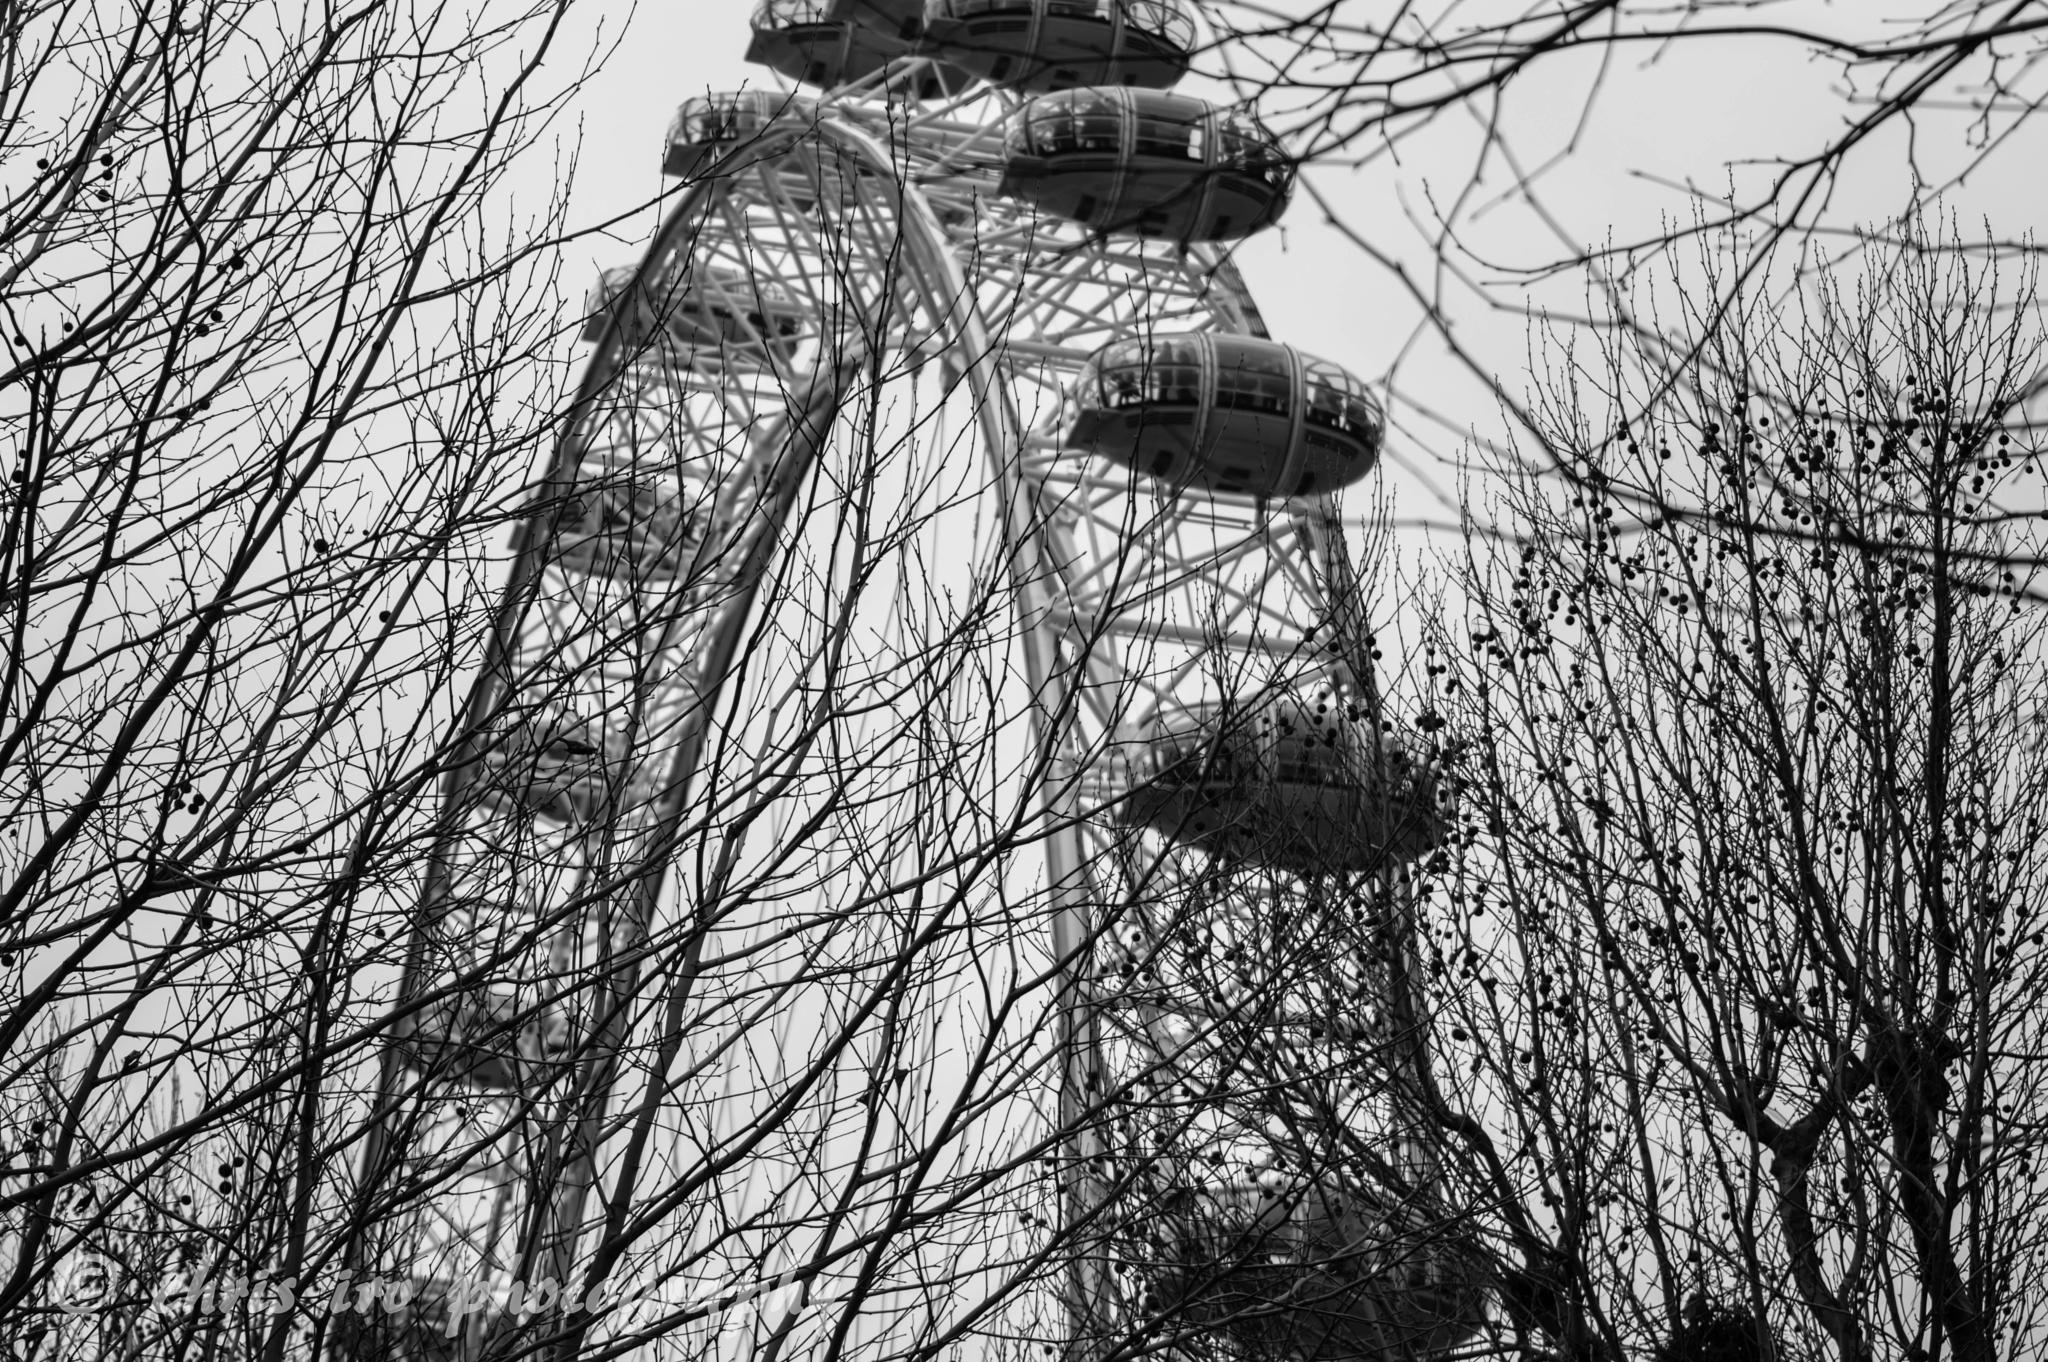 London eye by chrisirv